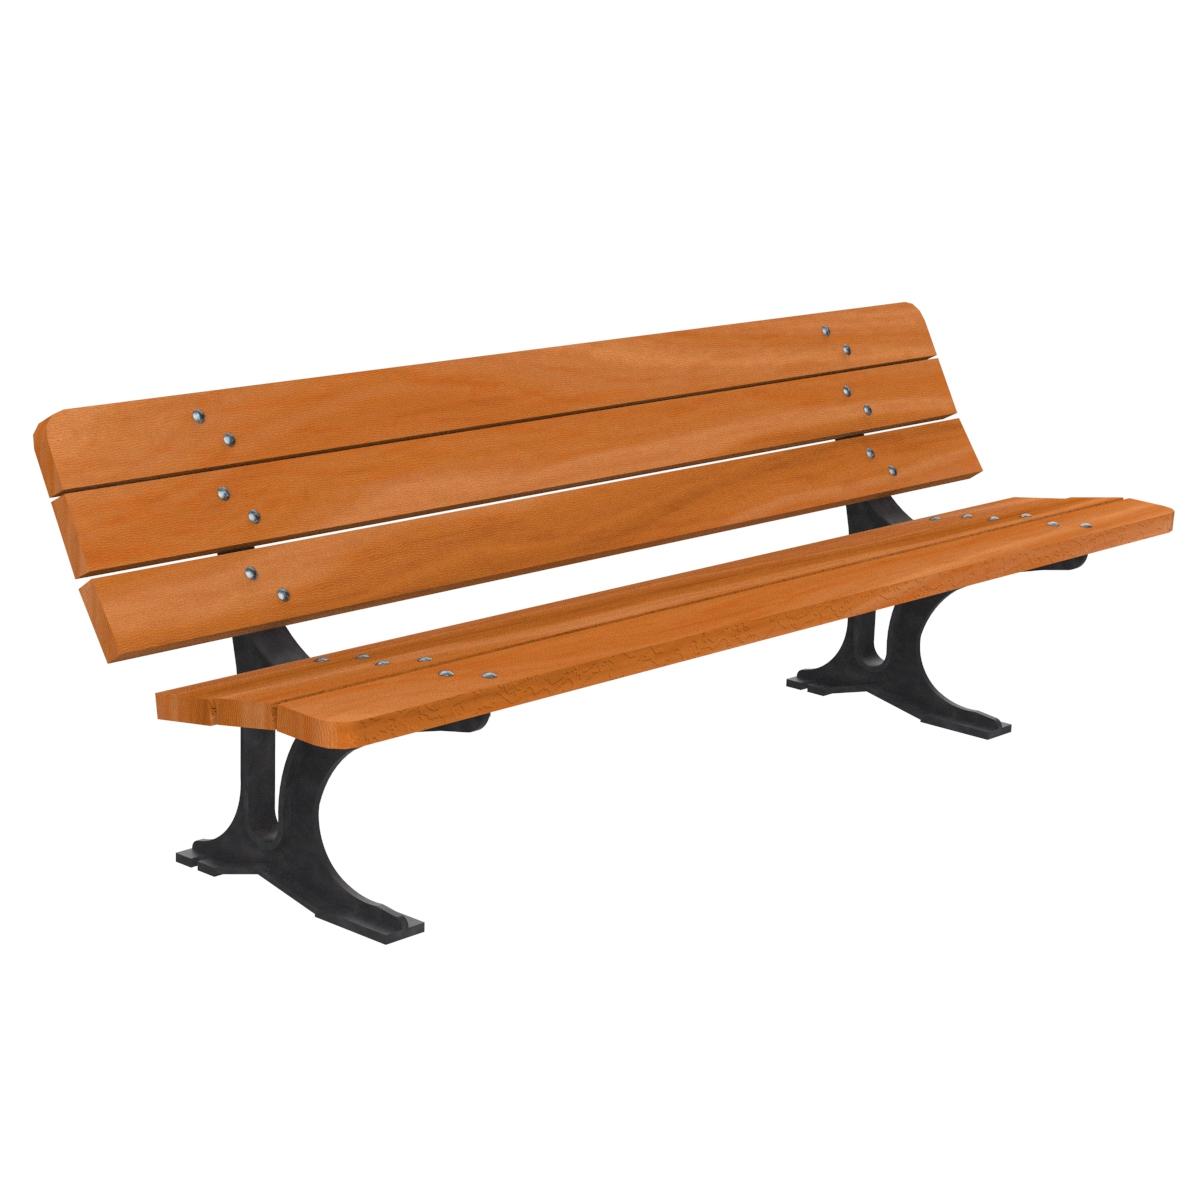 Banco madera paris mobiliario urbano para sentarse parques for Mobiliario urbano tipos